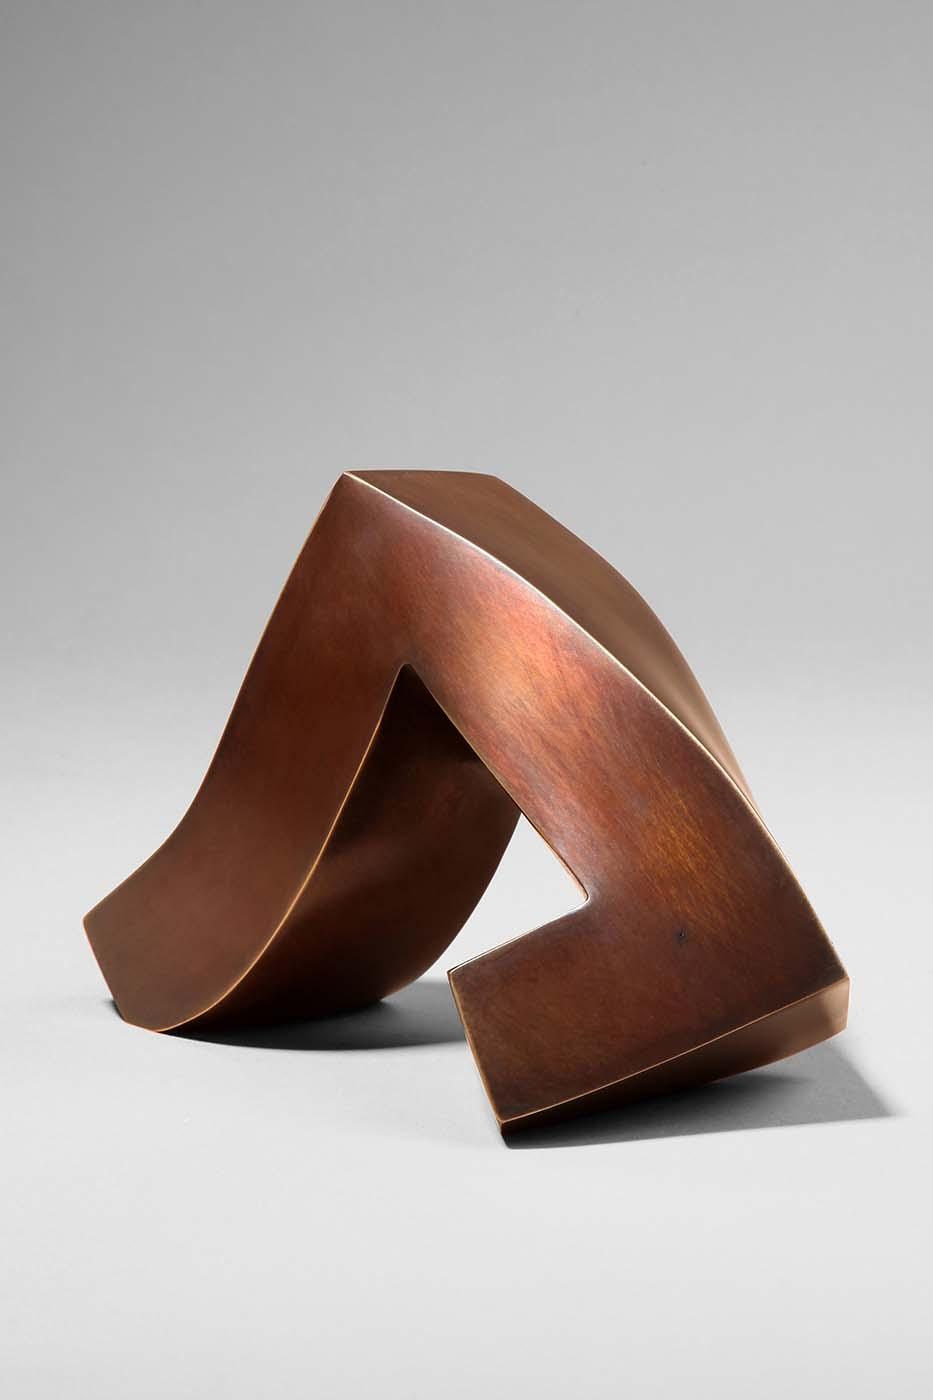 Kleiner Purzelbaum, 2012, Bronze, 11 x 17 x 9 cm (01)